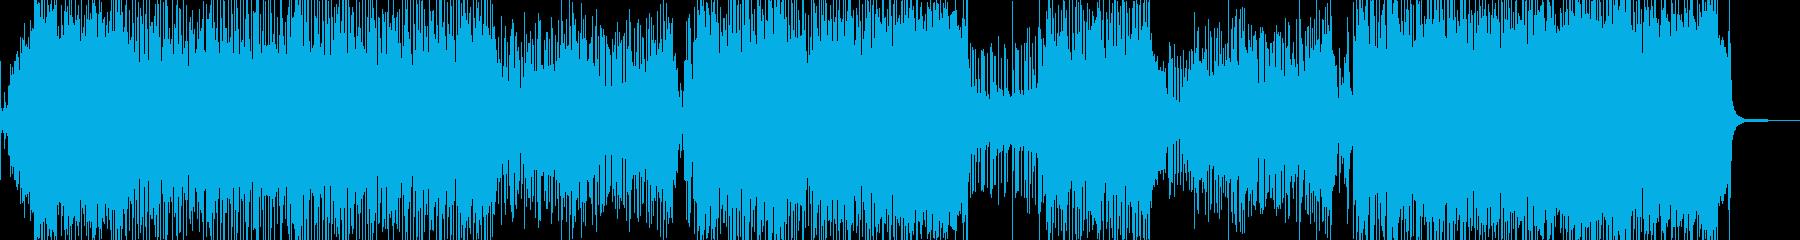 琴・三味線・全速力な演歌調ロック S2の再生済みの波形